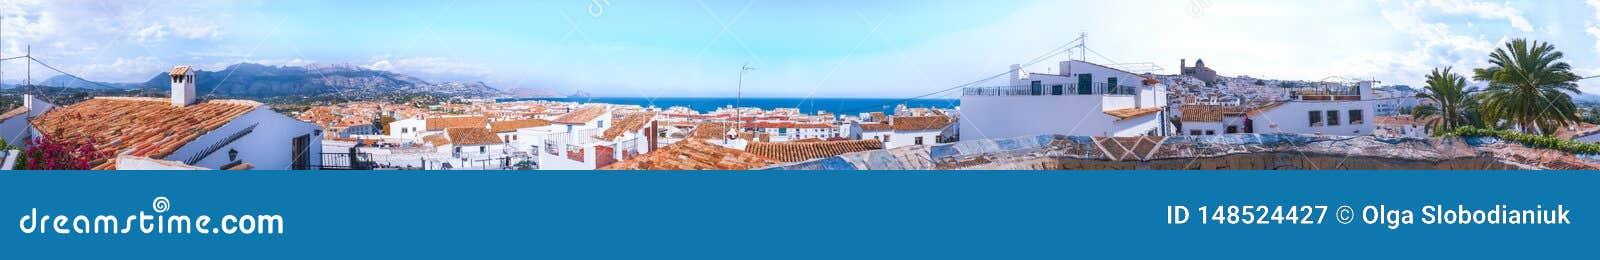 Panorama de la ciudad mediterránea española Altea España, abril 2019